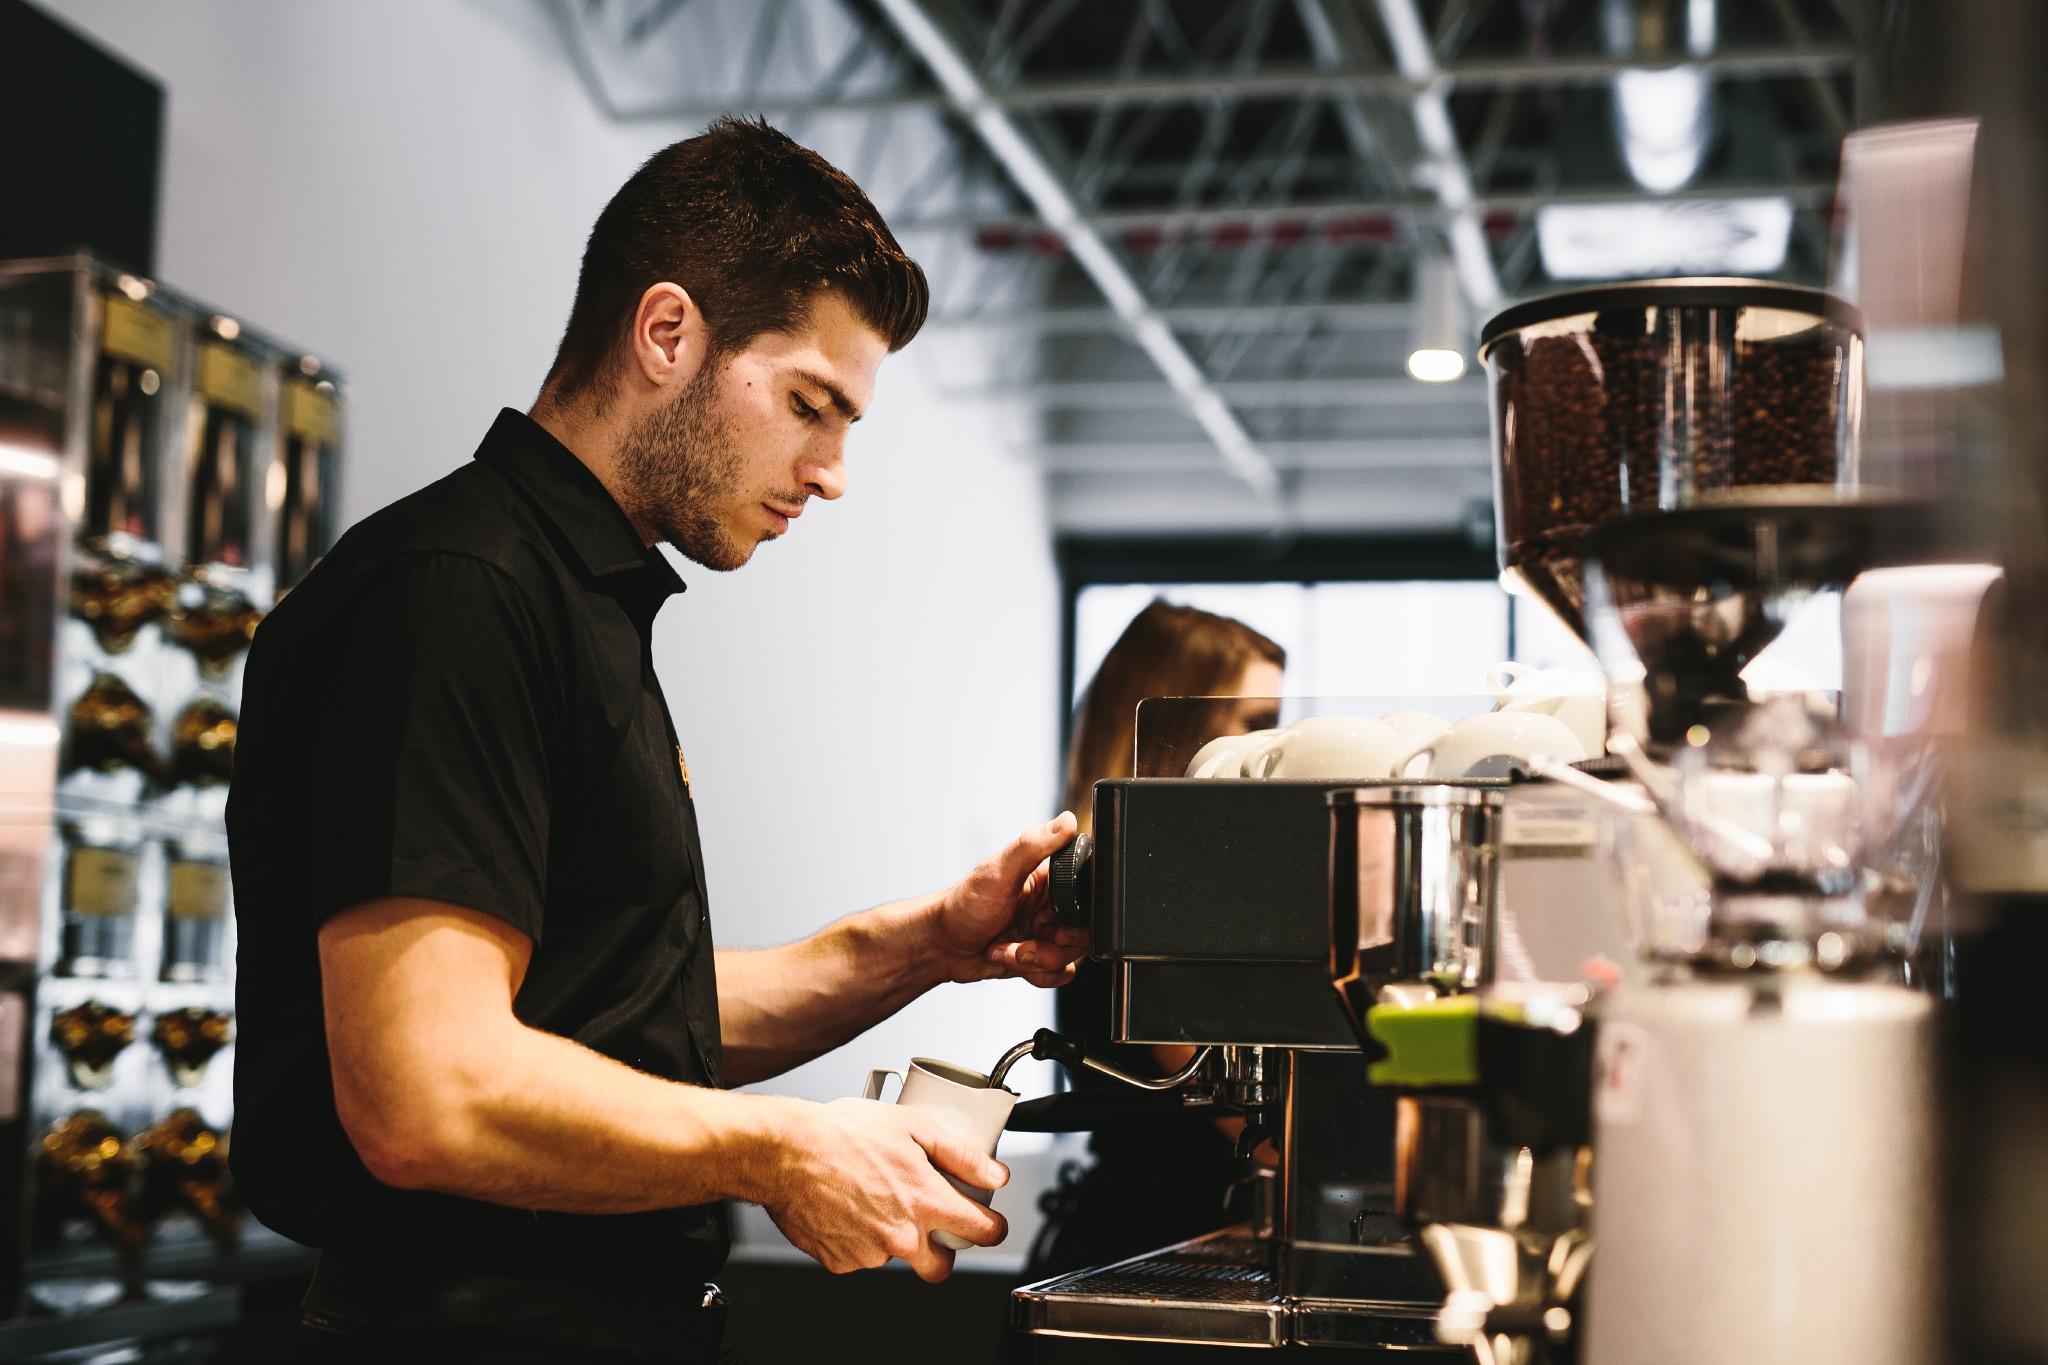 Nhiều người bắt đầu tìm kiếm việc làm trước khi rời quê hương, điều này luôn là một ý tưởng hay. Bồ Đào Nha cũng đang thiếu nhân công ở nhiều lĩnh vực.